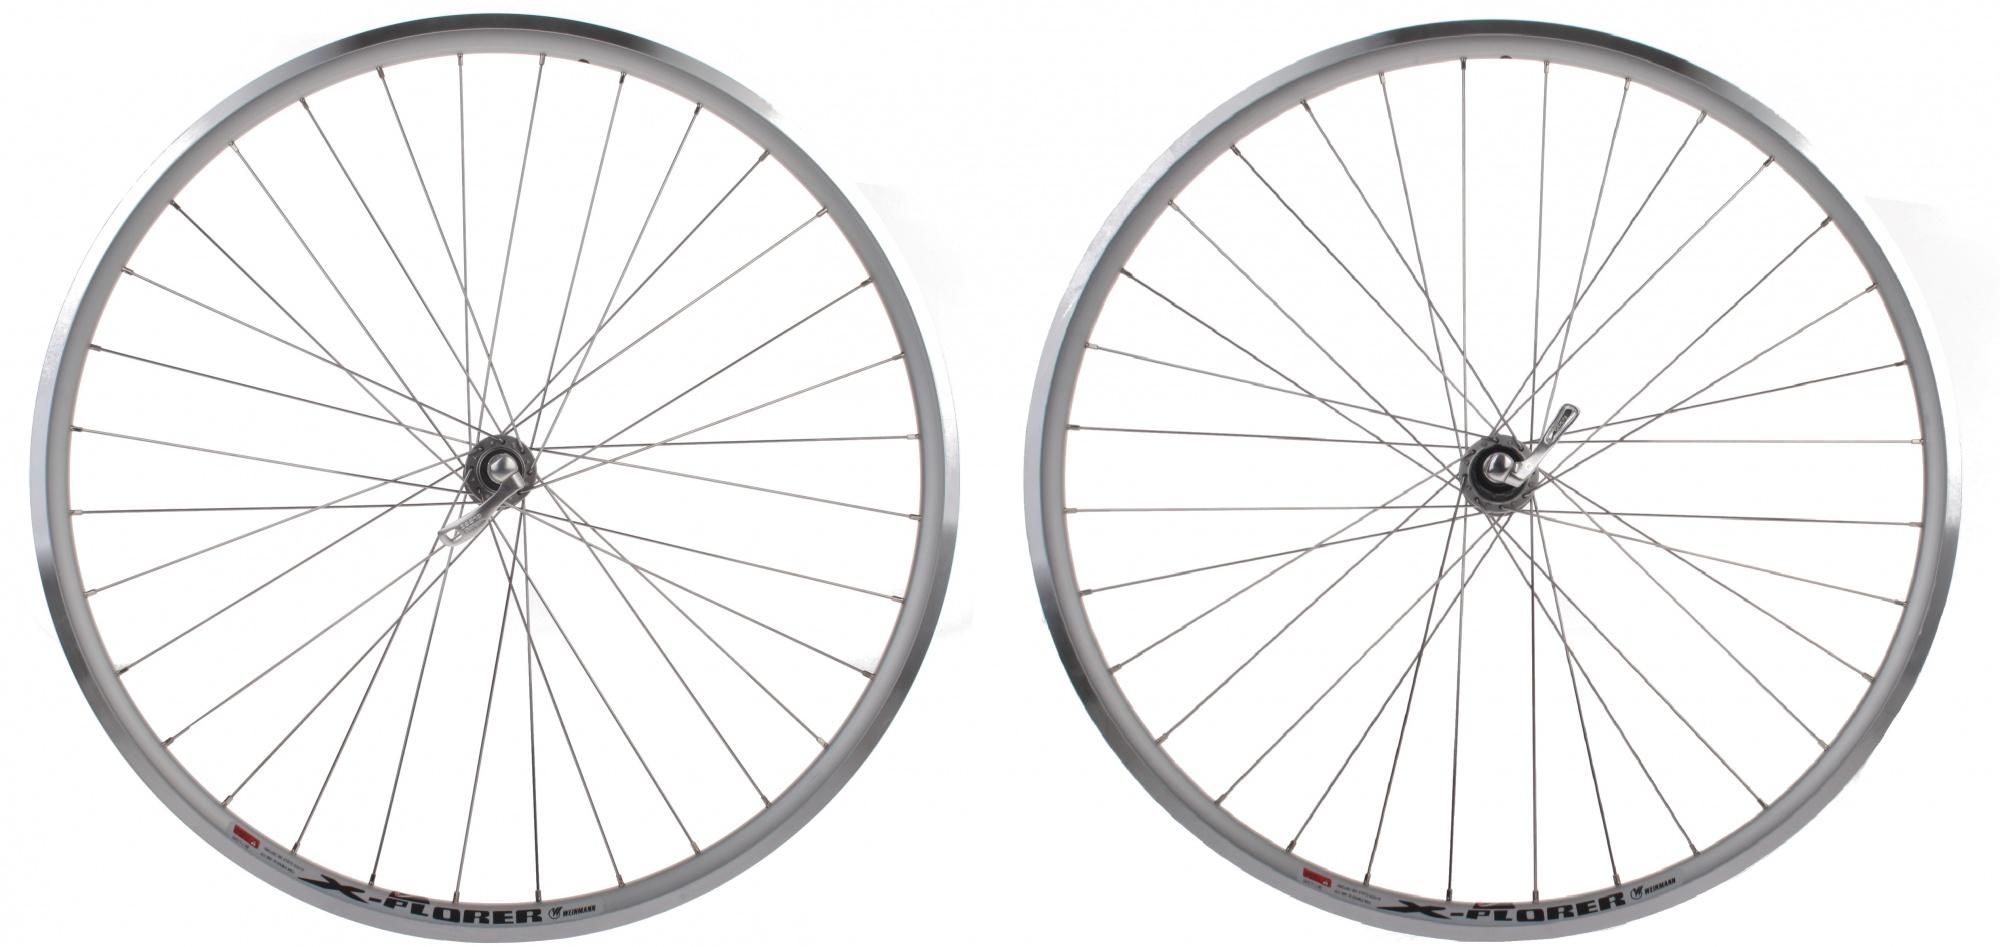 Weinmann Wheel X Plorer Wire Rim Brake 28 Inches 32g